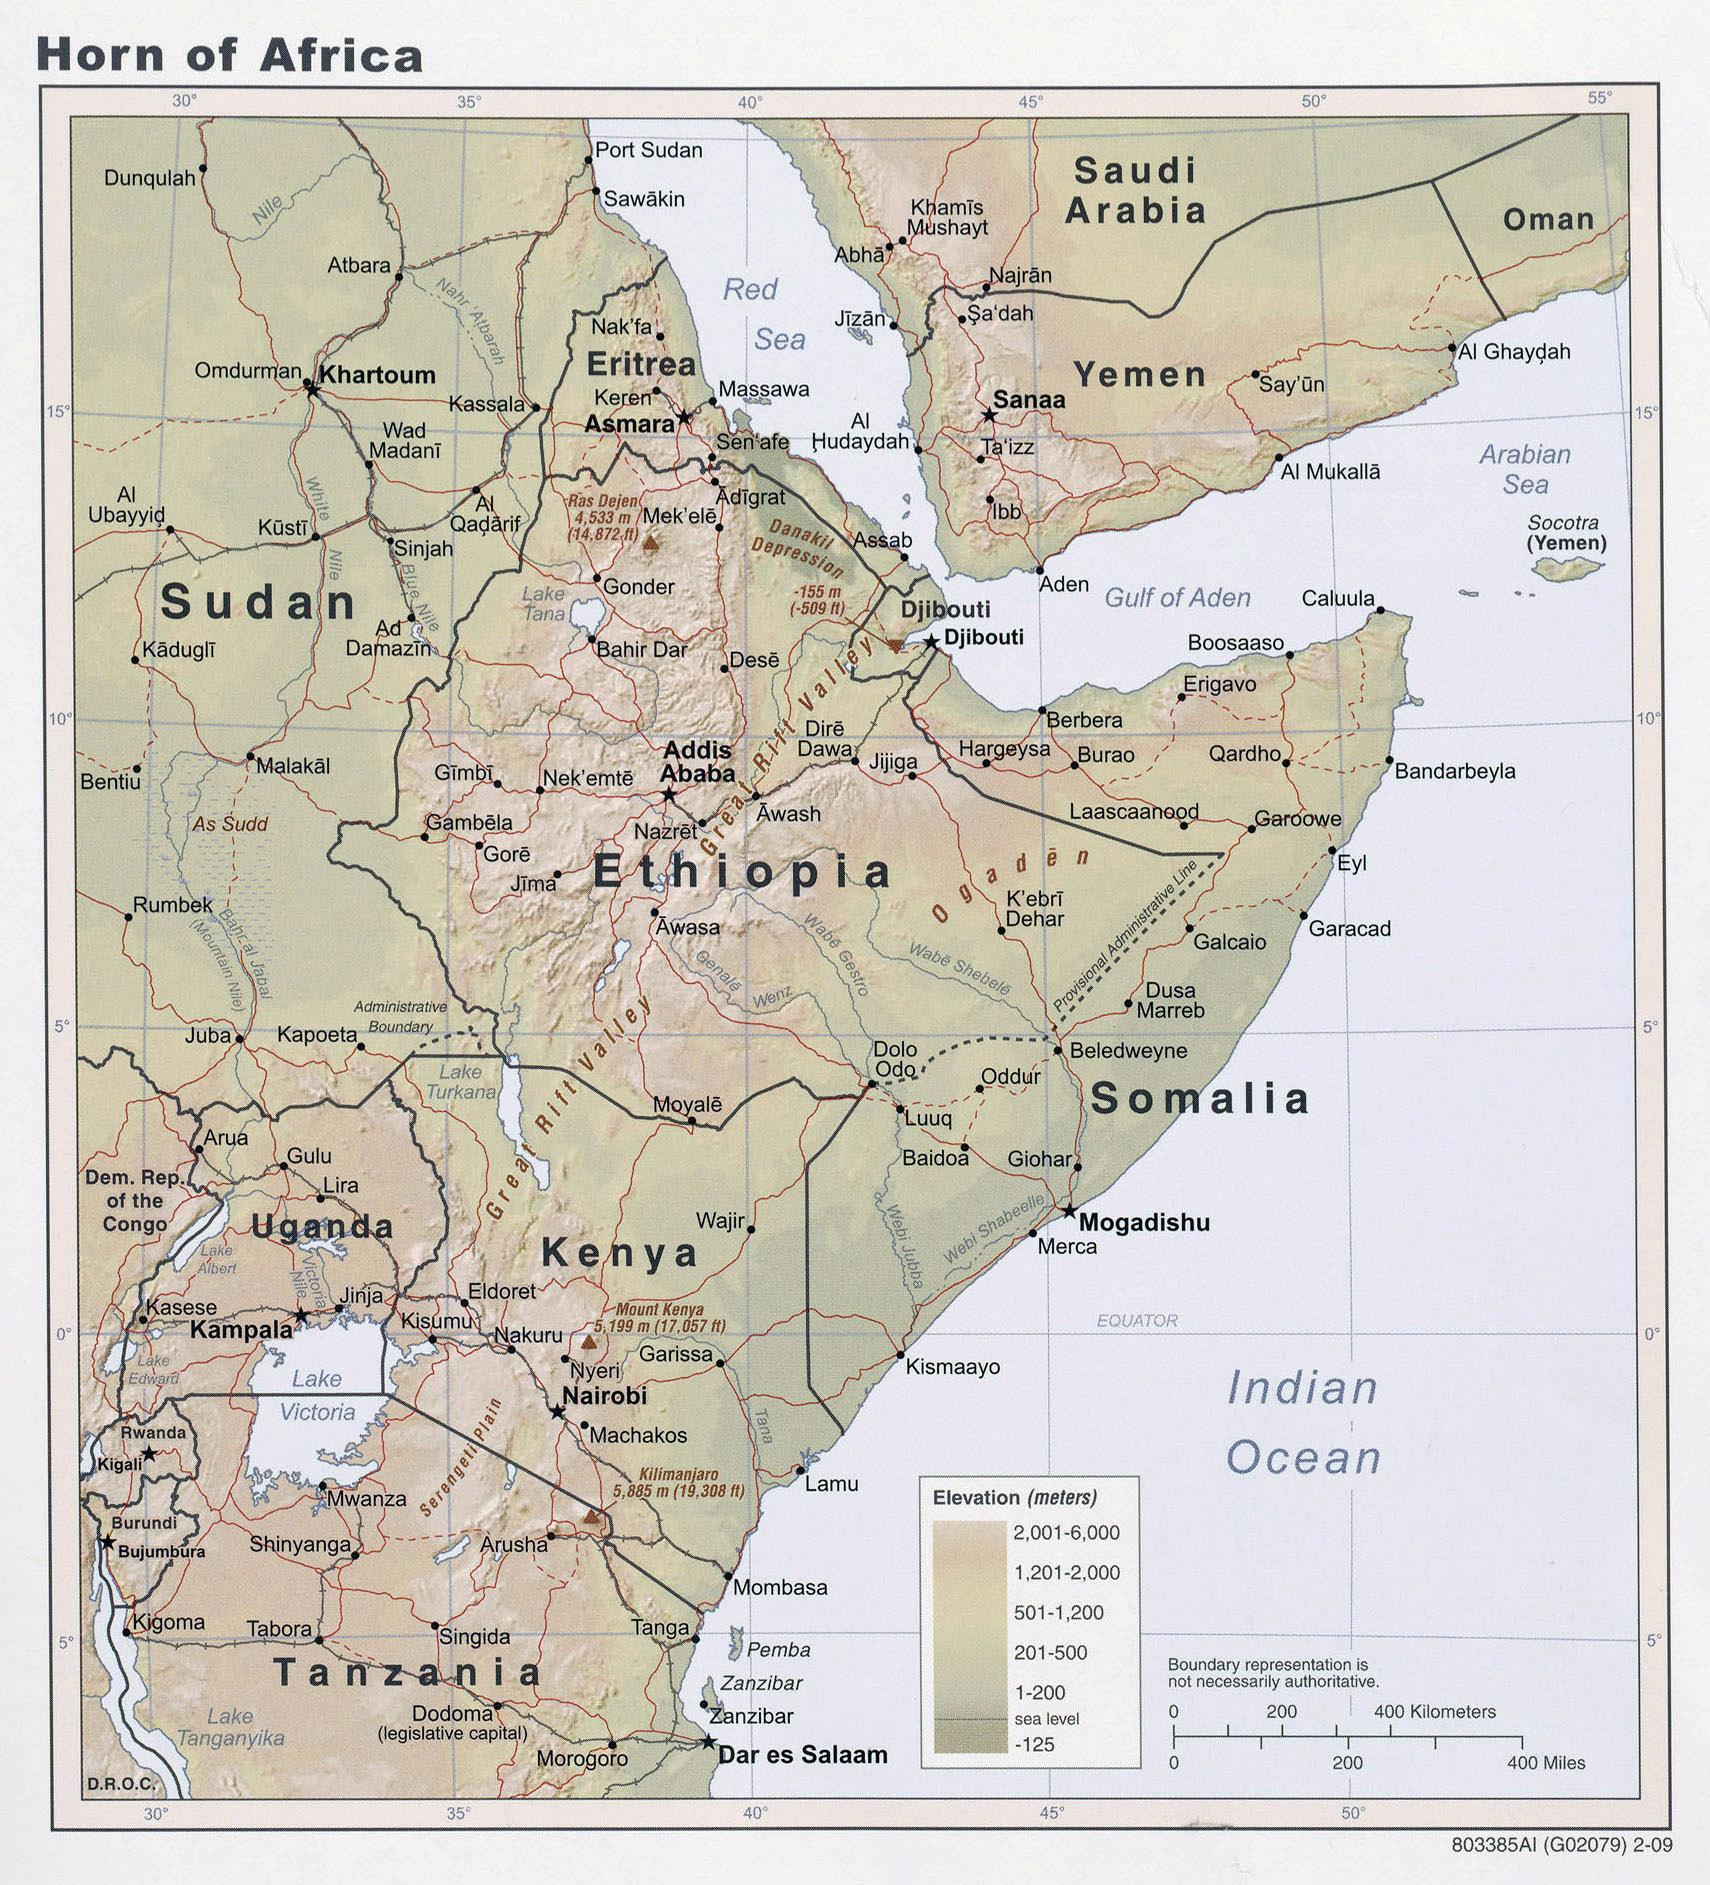 Cuerno De Africa Mapa.Mapa Grande Elevacion Detallada Del Cuerno De Africa 2009